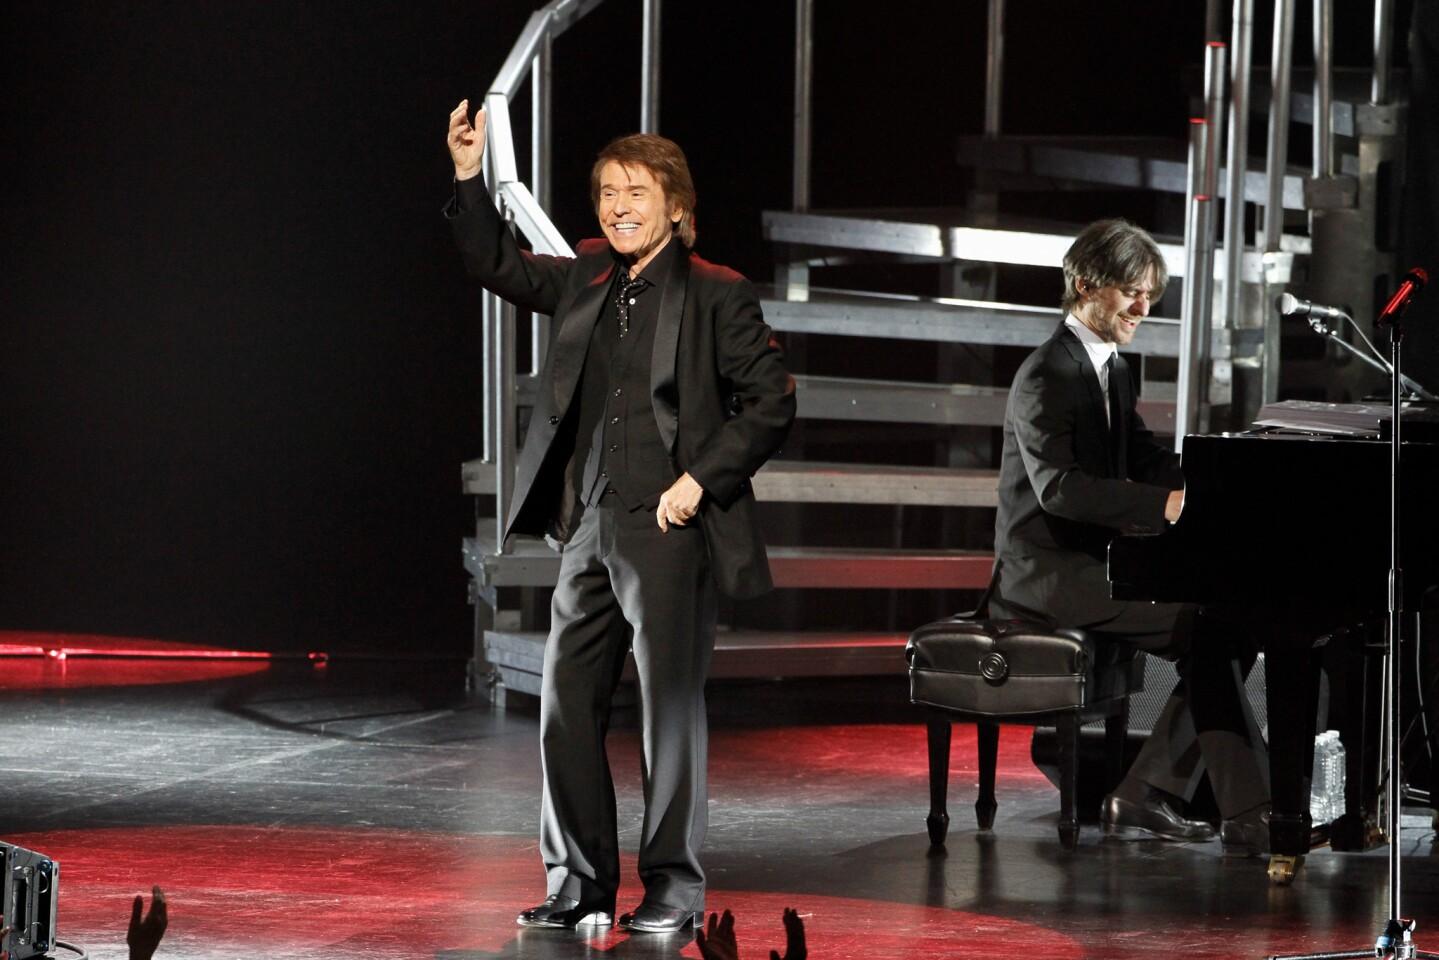 Los Angeles, CA. - May 26, 2013: Raphael Concert / Nokia Theatre (Photo: DDPixels).